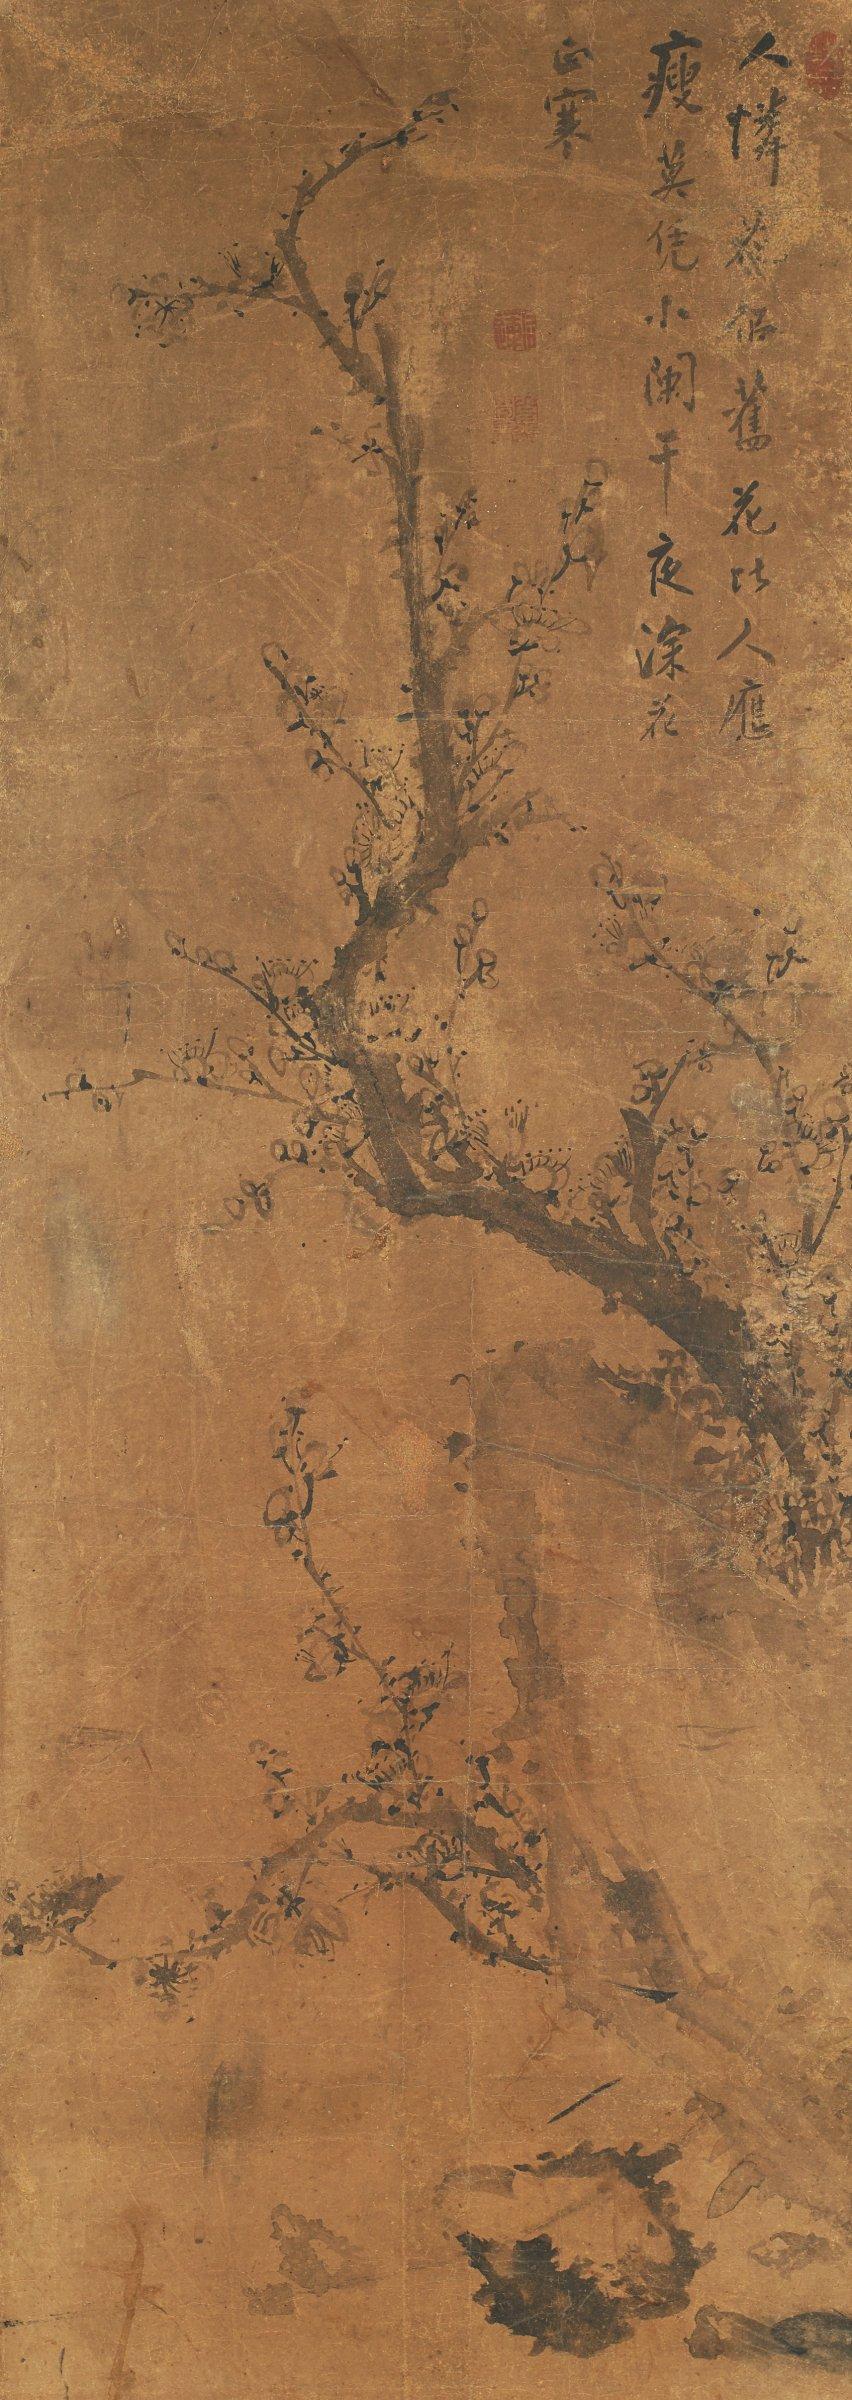 Prunus and Rock, Korea, ink on silk